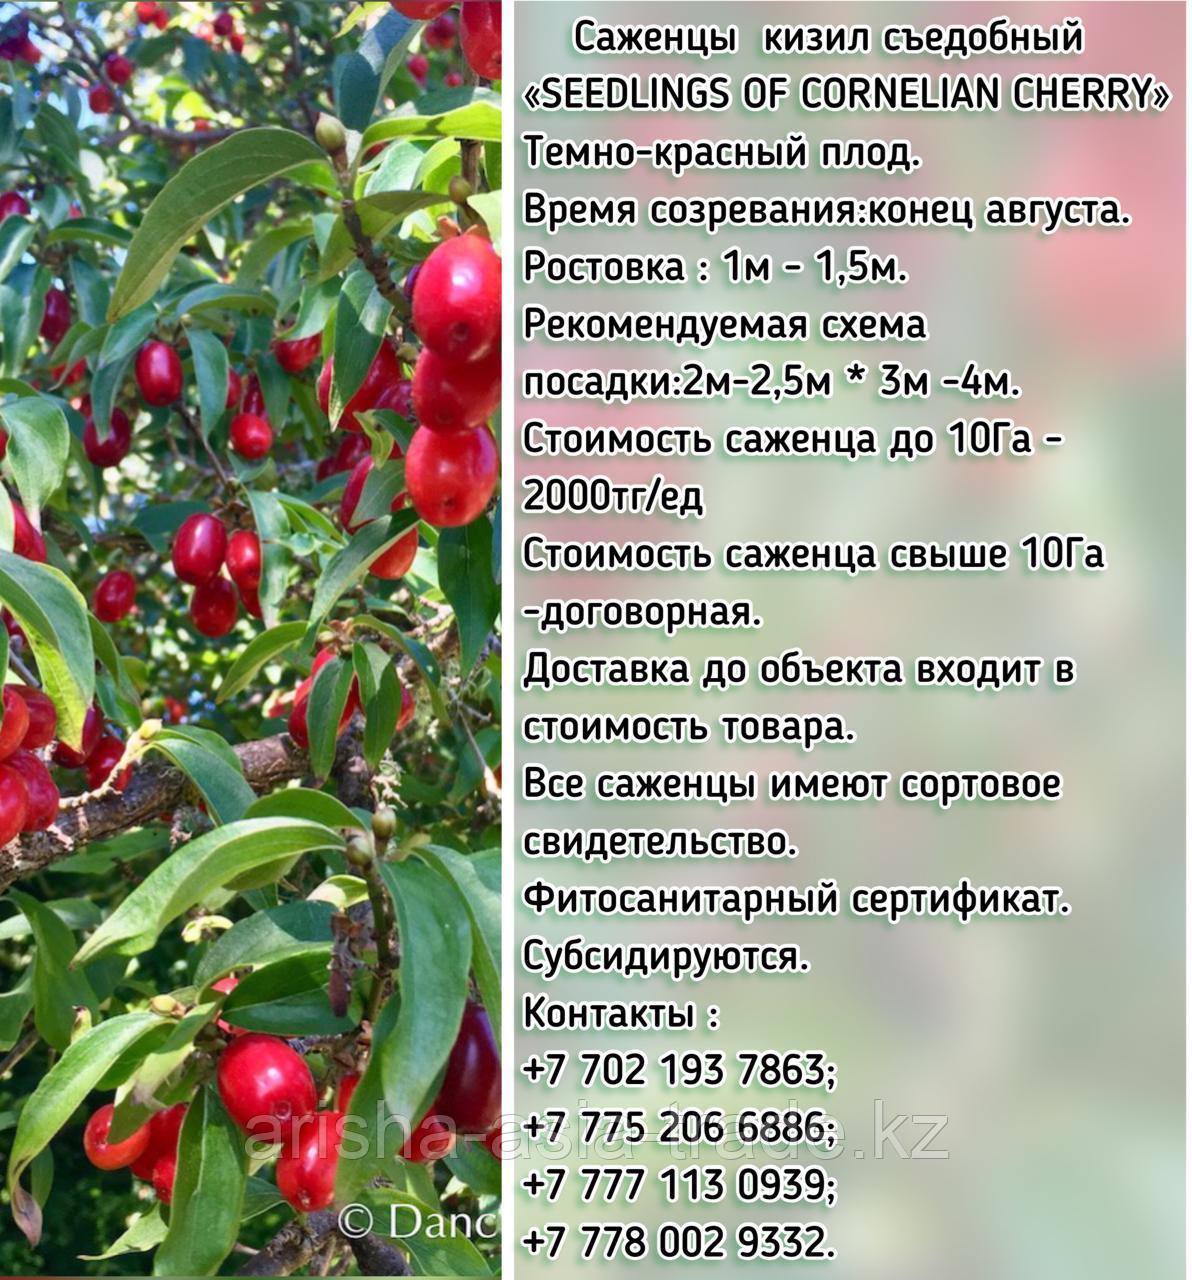 """Саженцы кизил съедобный """"Cornelian cherry"""" (Корнелиан черри) Сербия"""